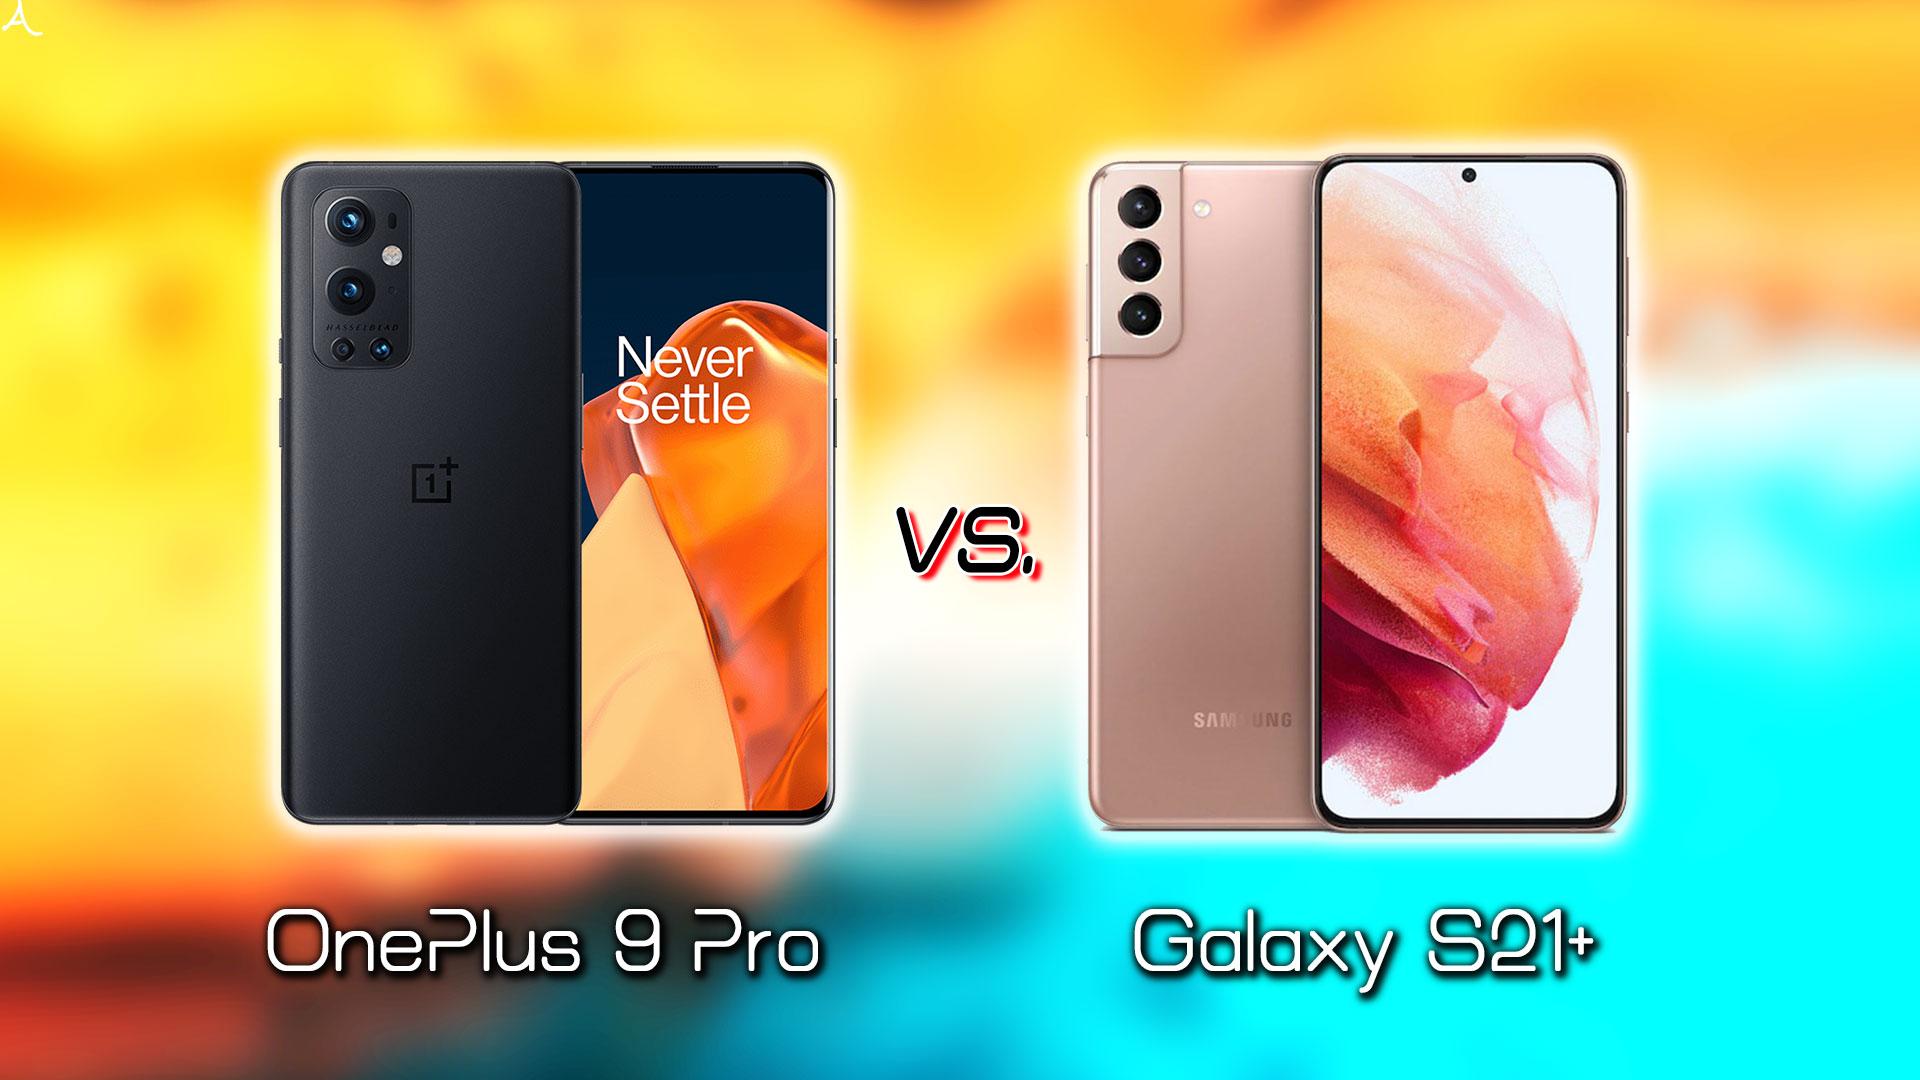 「OnePlus 9 Pro」と「Galaxy S21+(プラス)」の違いを比較:どっちを買う?